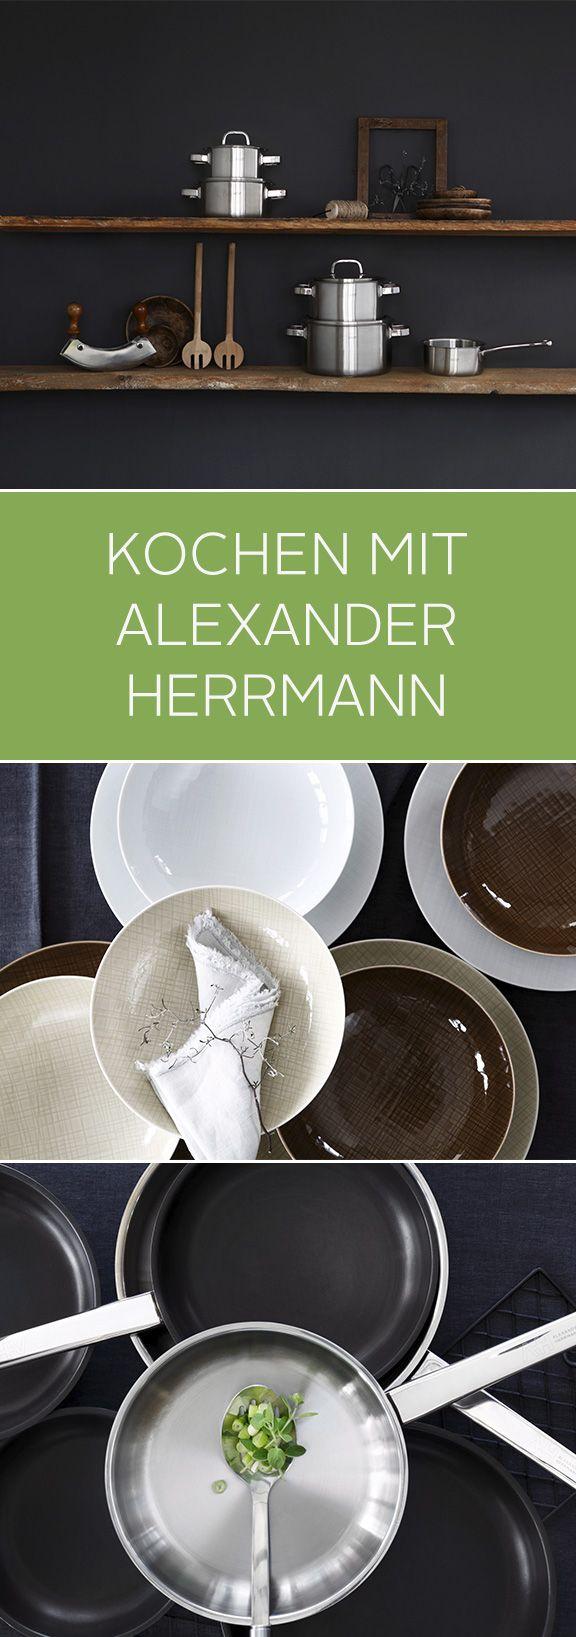 Zu viele Köche verderben den Brei – aber zu viele Töpfe kann man niemals haben. Das praktische Edelstahl-Topfset von Alexander Hermann besteht aus fünf Töpfen in verschiedenen Größen – und vier Deckeln für das perfekte Kochvergnügen. Gutes Gelingen!